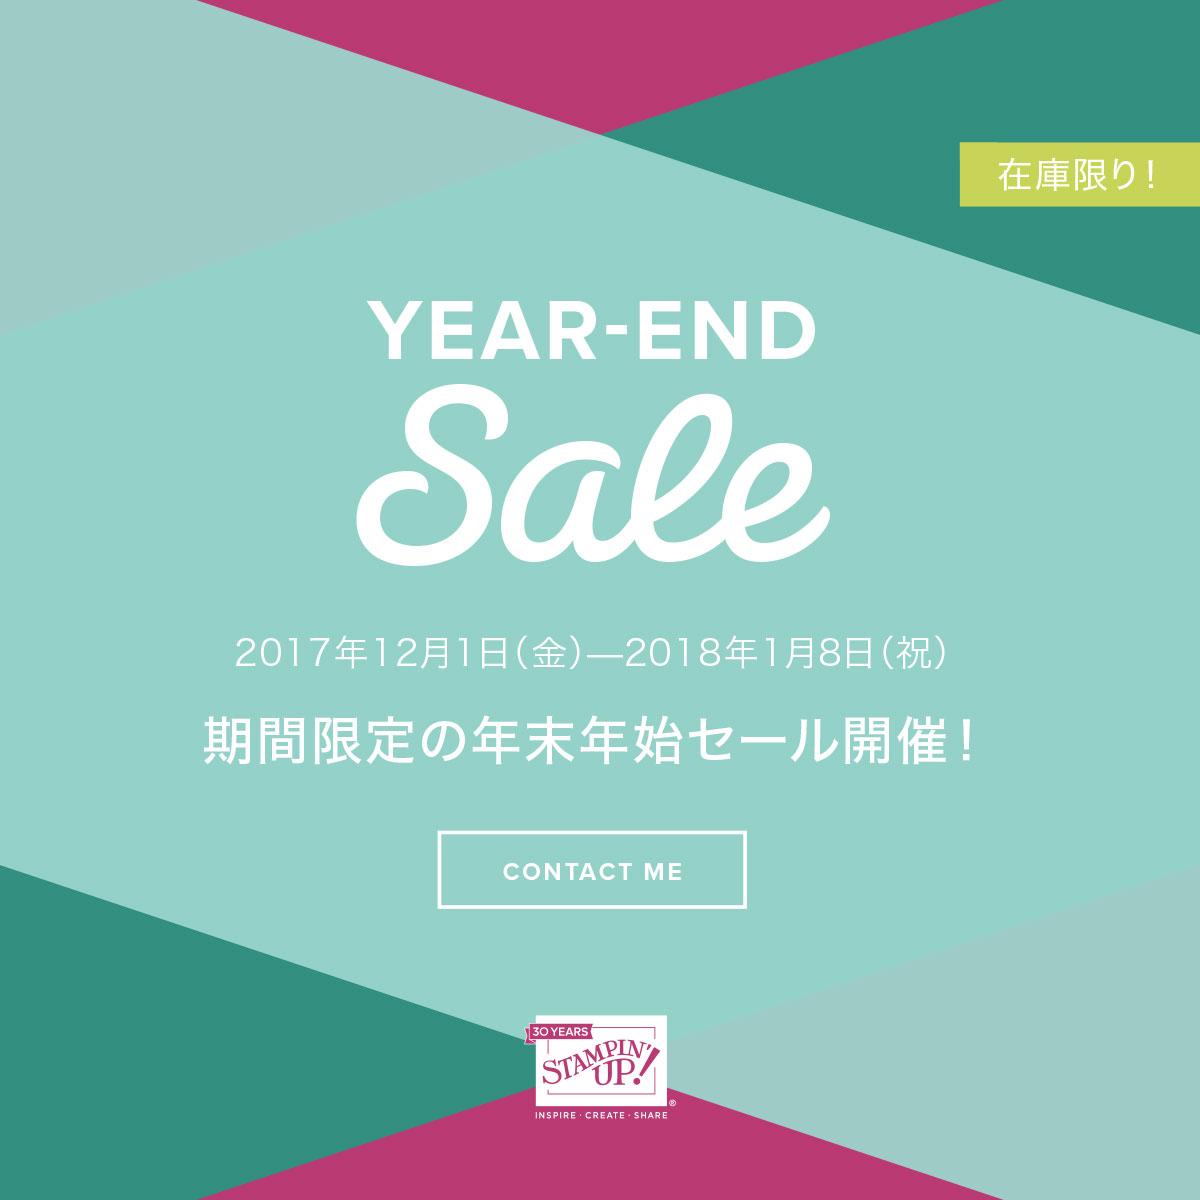 年末セール(Year-End Sale) 開催中です!